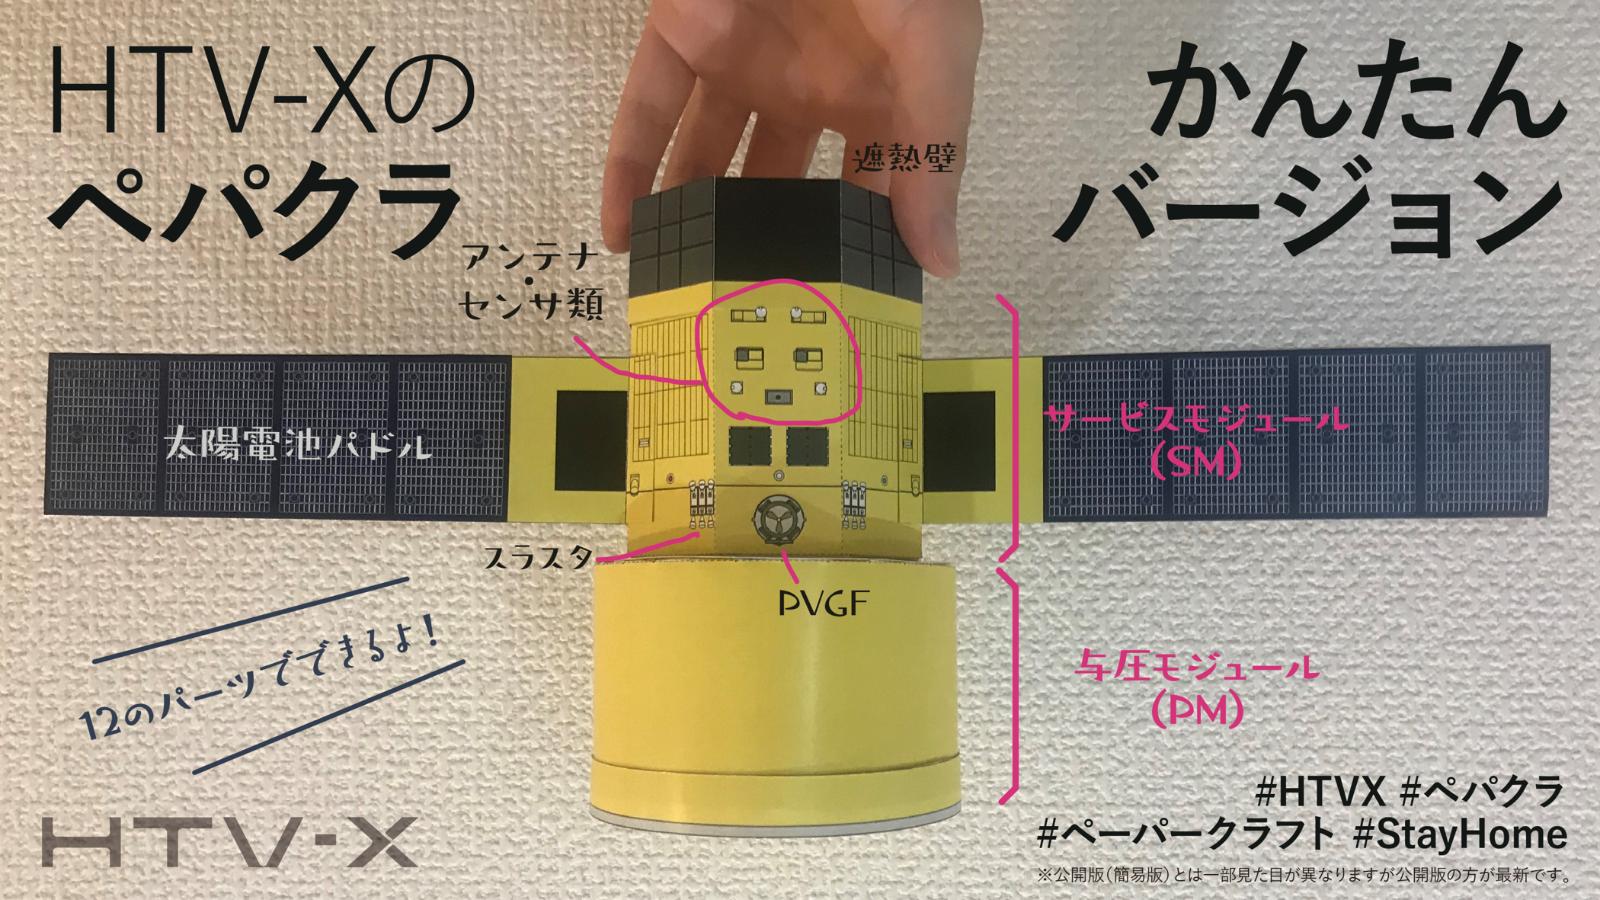 新型宇宙ステーション補給機(HTV-X)ペーパークラフトの簡易版を公開しました!